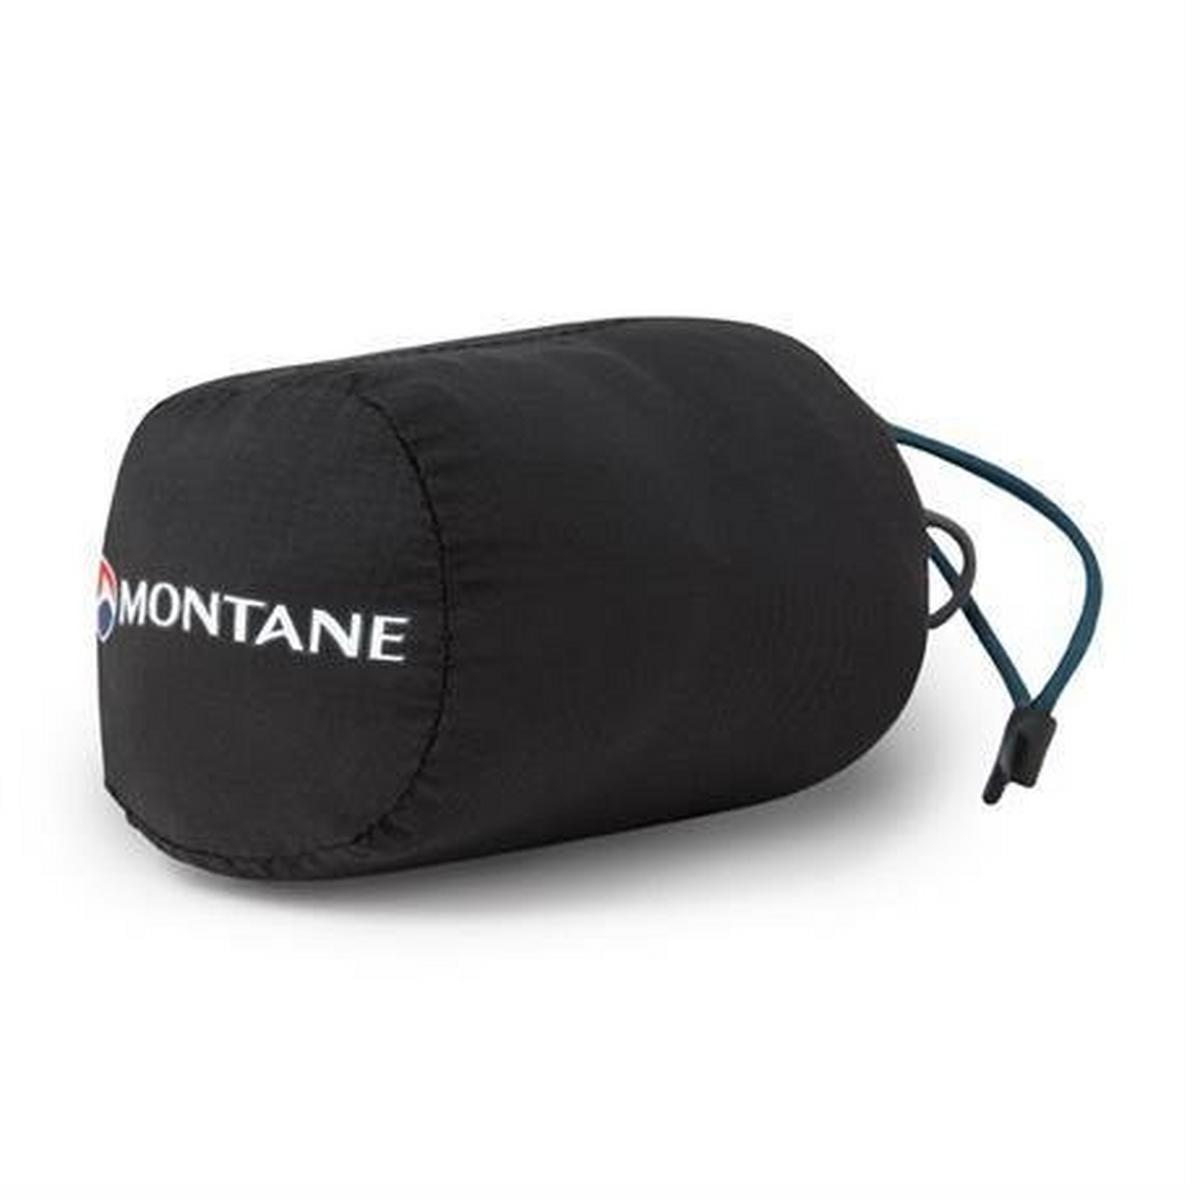 Montane Unisex Montane Featherlite Mountain Cap - Black